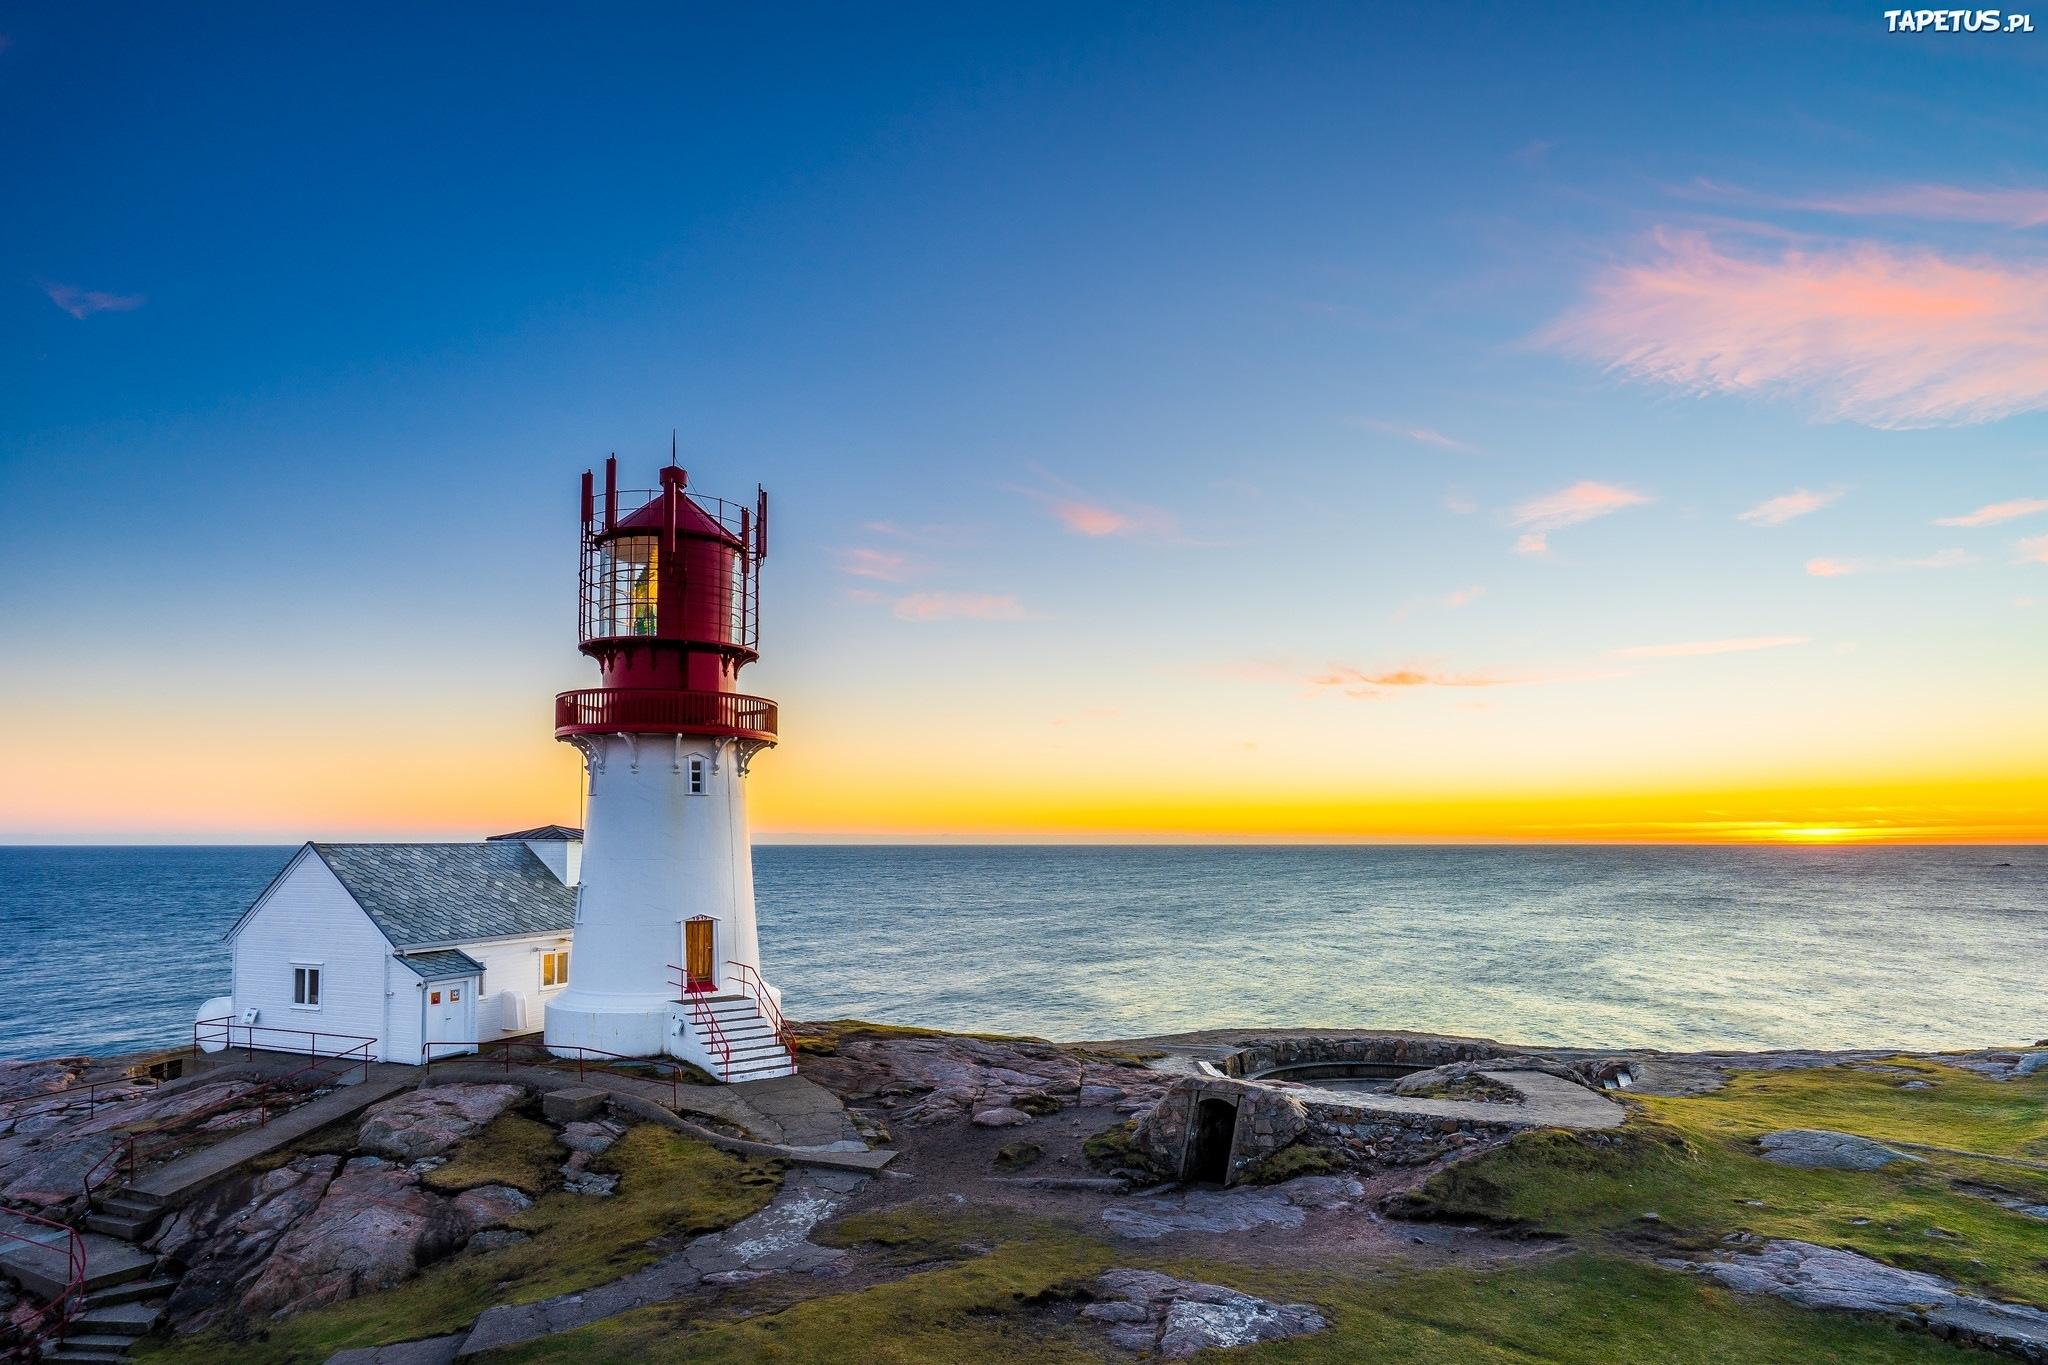 маяк небо море дом  № 3968894 бесплатно